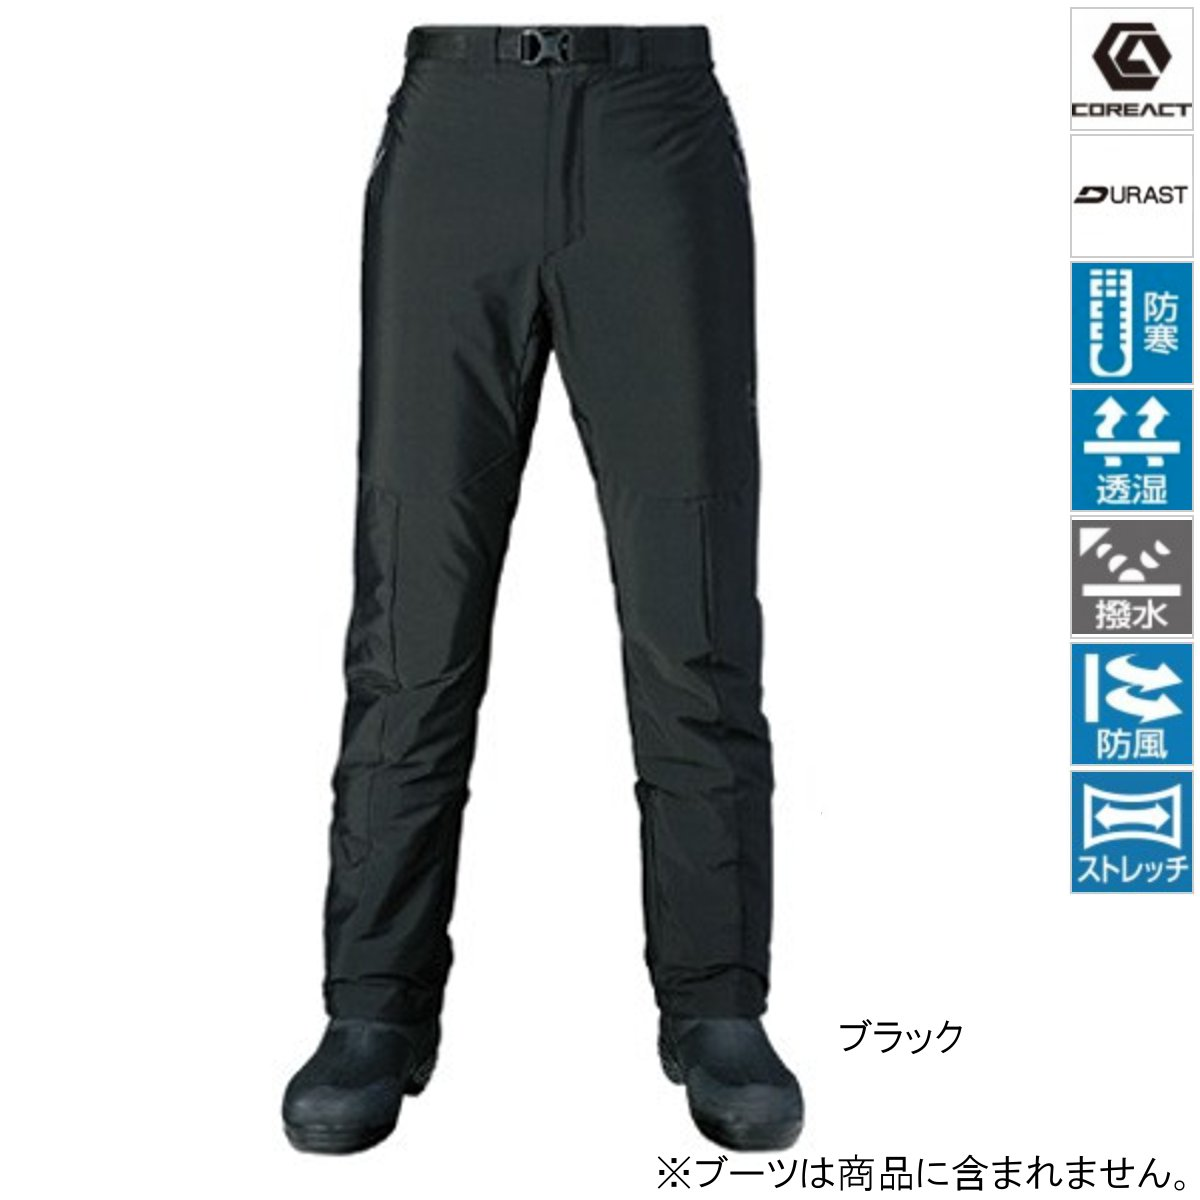 シマノ XEFO ストレッチサーマルパンツ PA-245R L ブラック【送料無料】